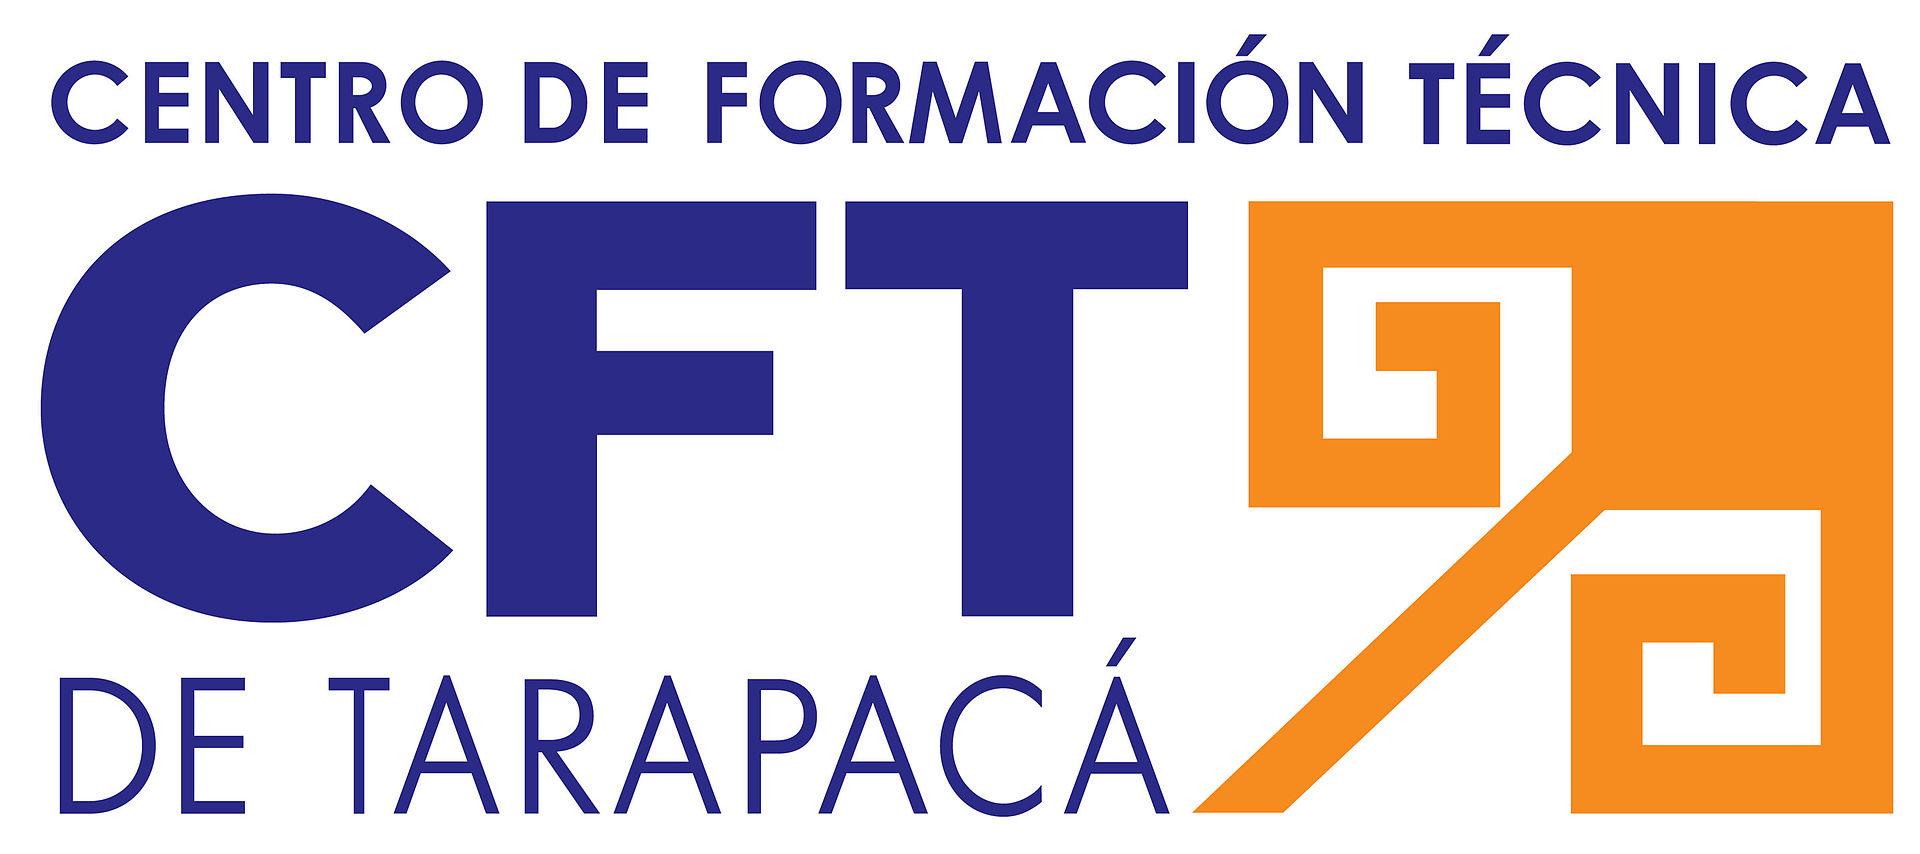 Centro de formaci n t cnica de tarapac wikipedia la for On centro de formacion